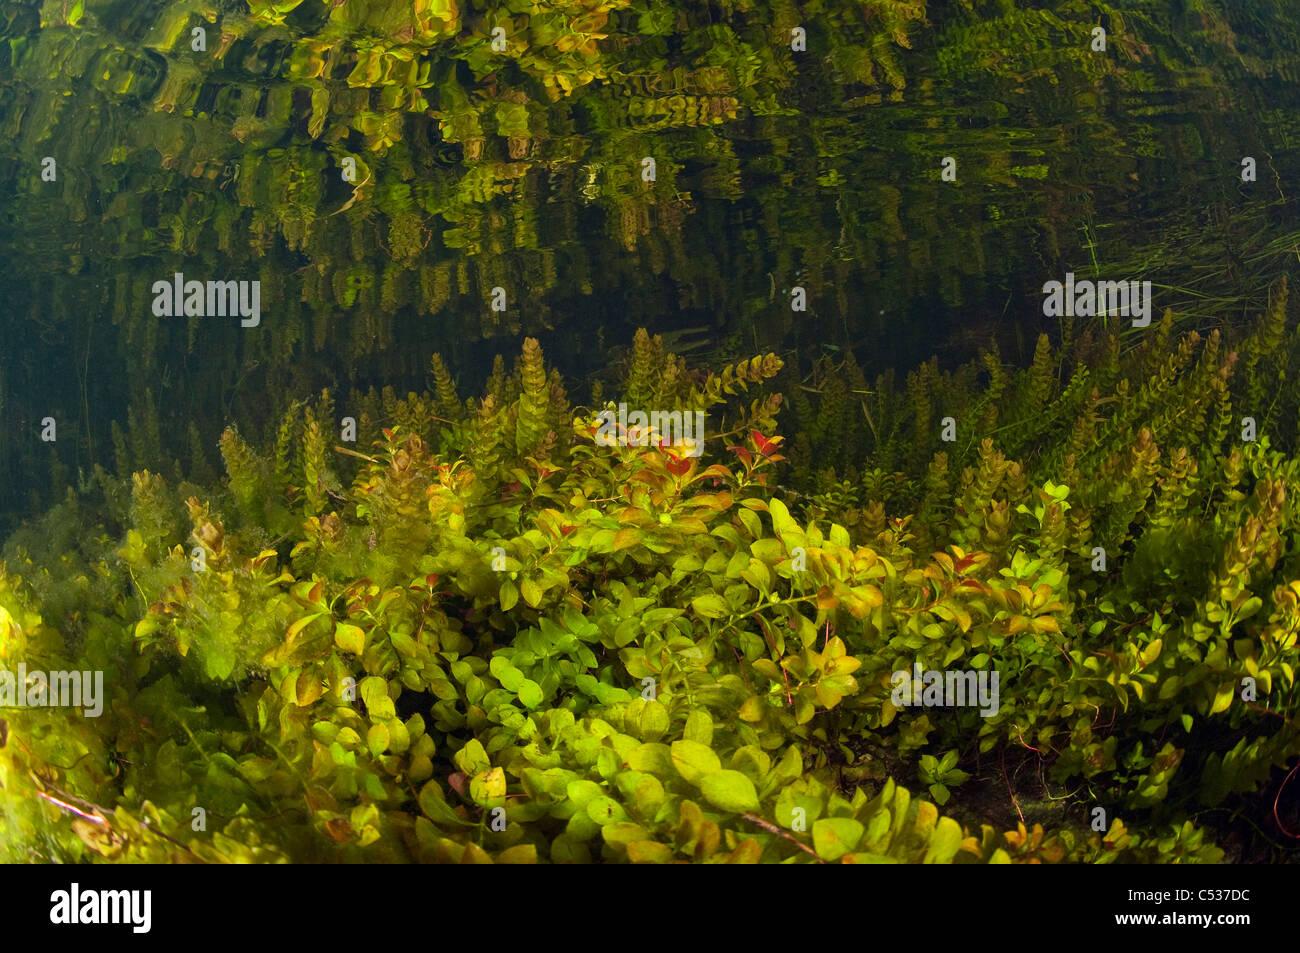 Unterwasserpflanzen gedeihen in das kristallklare Wasser Überschwemmungen Zypresse Wälder in die Everglades. Stockbild